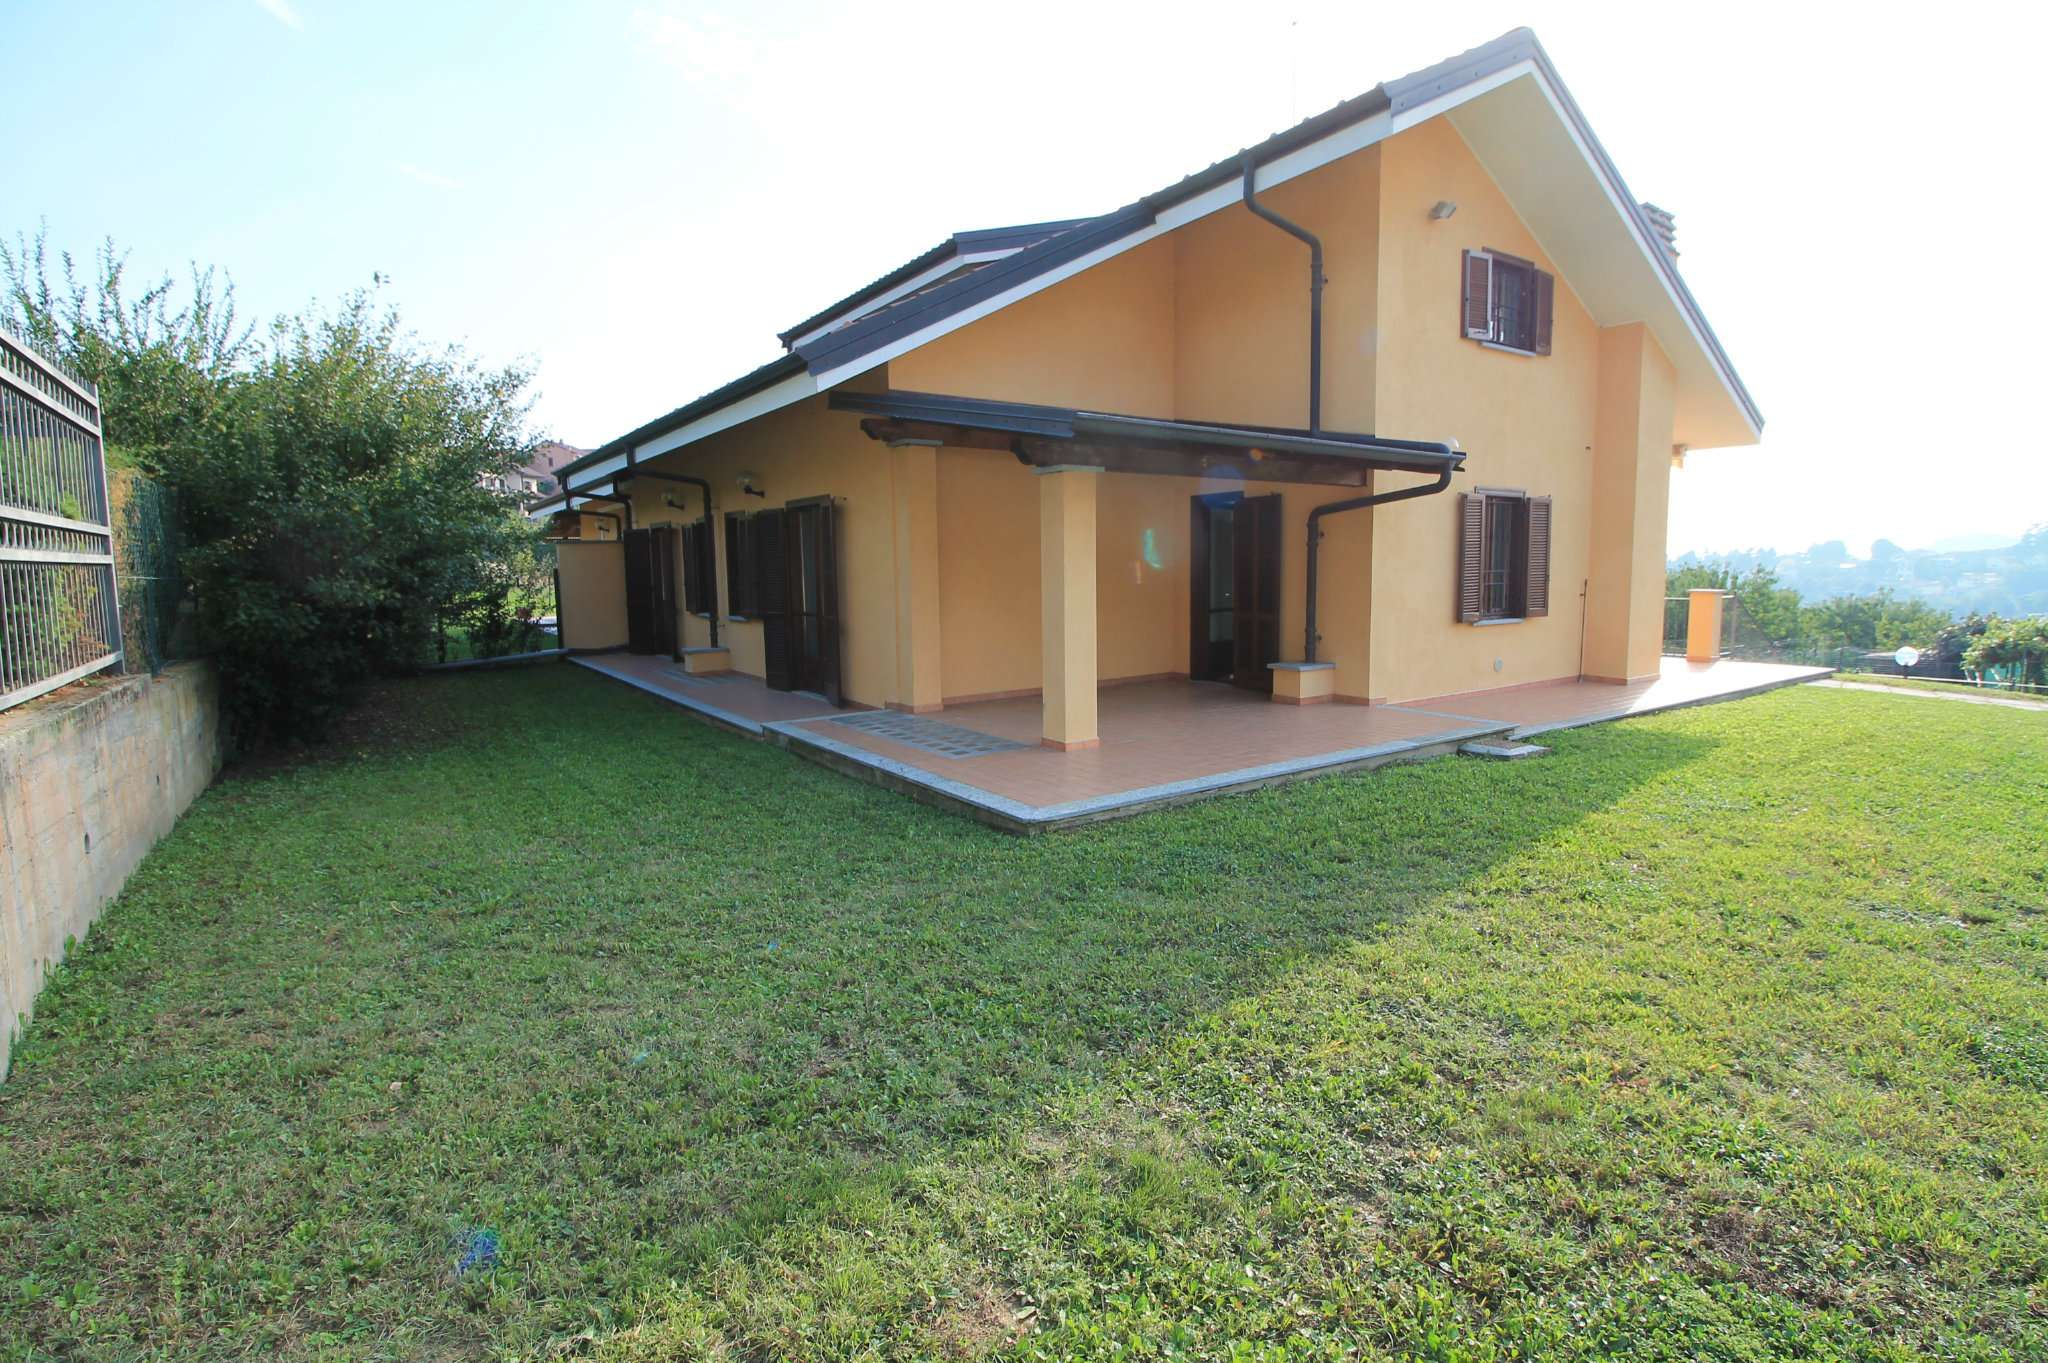 Villa Bifamiliare in affitto a Pecetto Torinese, 7 locali, prezzo € 1.350   PortaleAgenzieImmobiliari.it